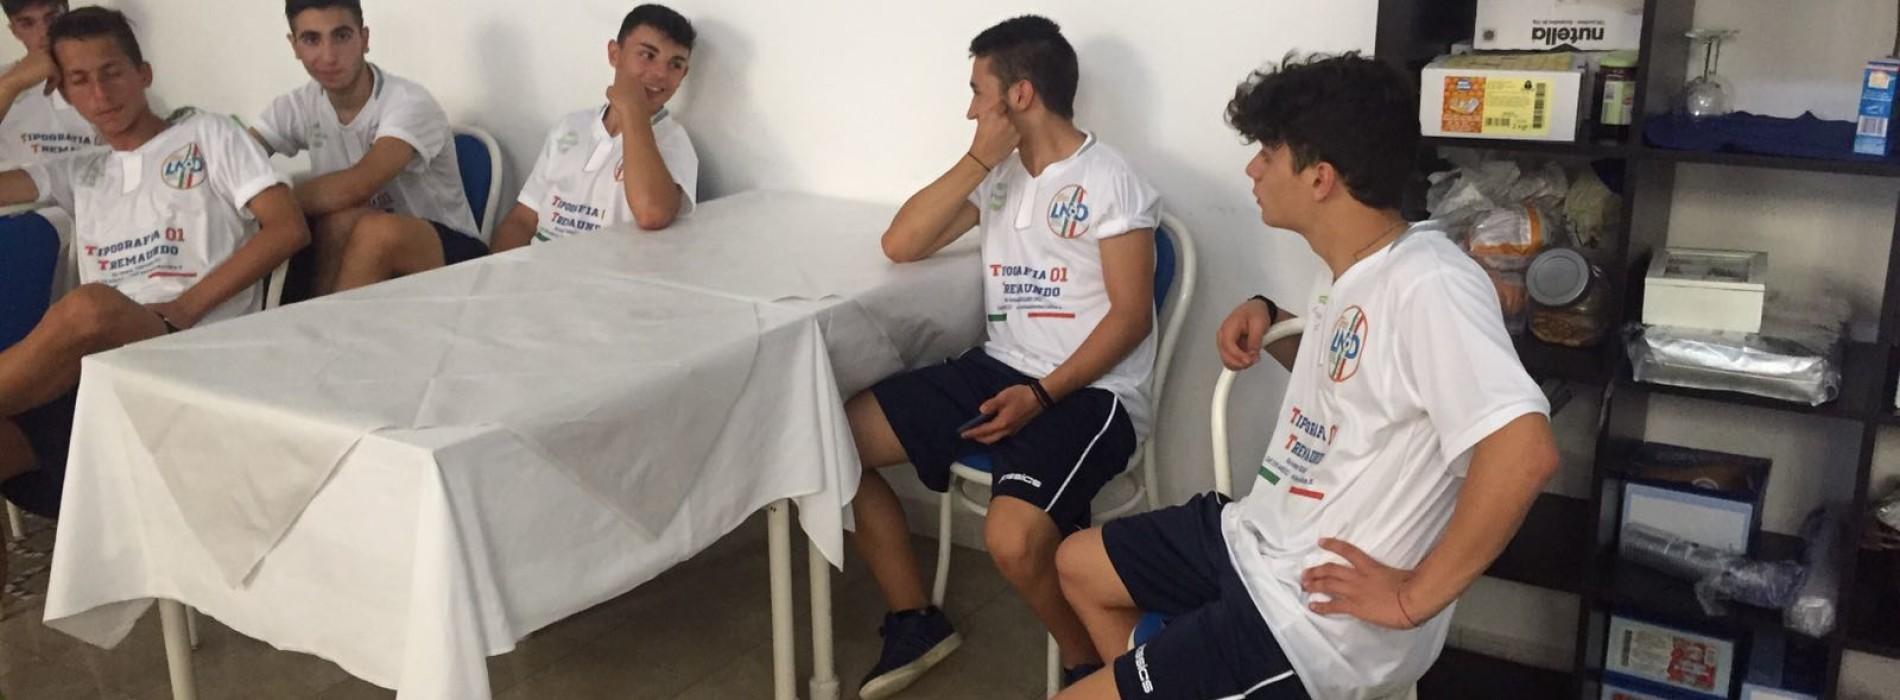 Scirea cup, Rappresentativa Allievi Crb pronta al debutto contro il Bisceglie